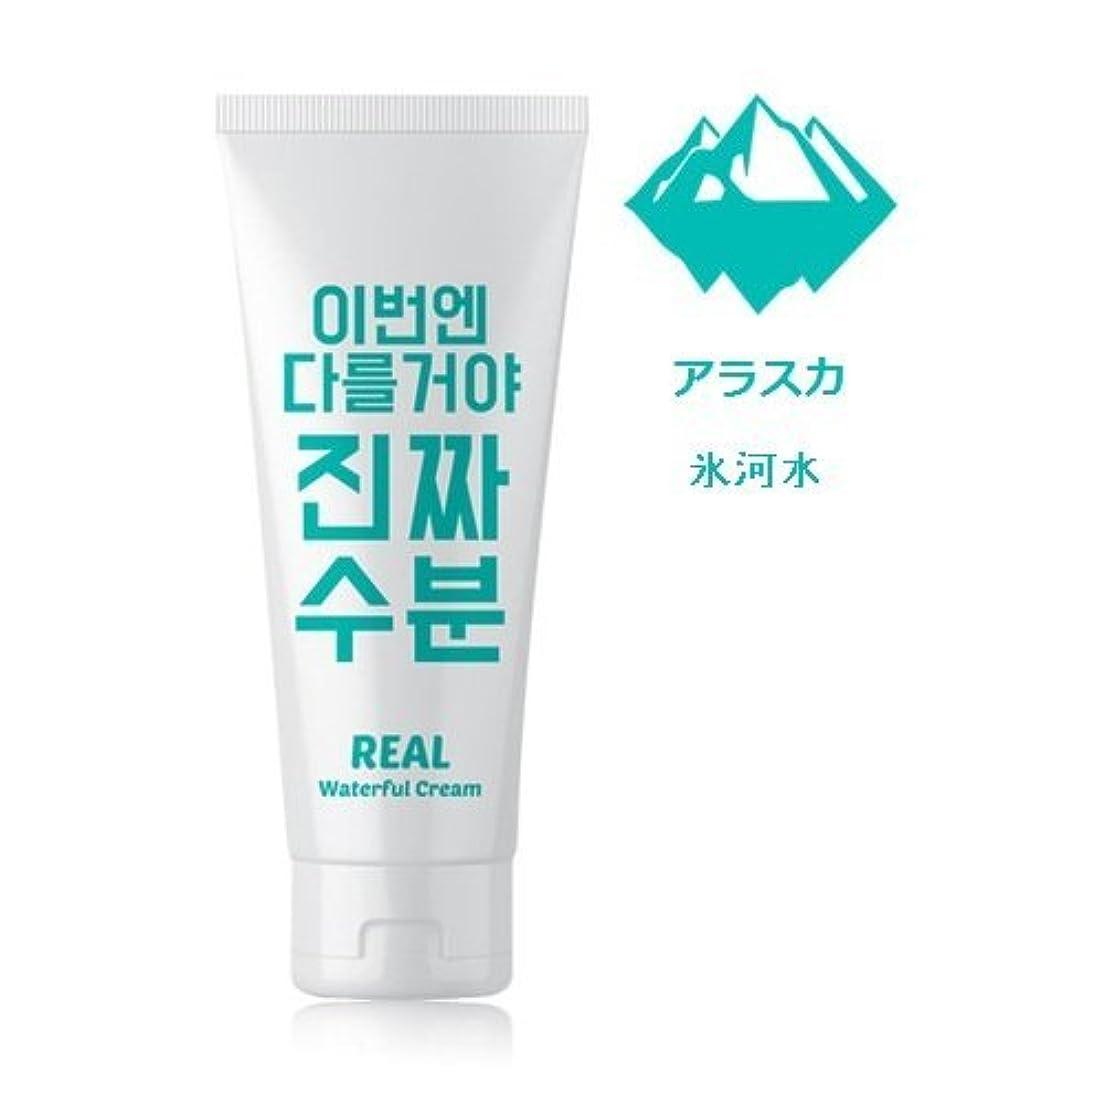 王子サイドボード九[1+1]Jaminkyung [FREE MARK] Real Waterful Cream 200g*2EA ジャミンギョン[フリーマーク]今度は違うぞ!! 本当の水分クリーム [並行輸入品]